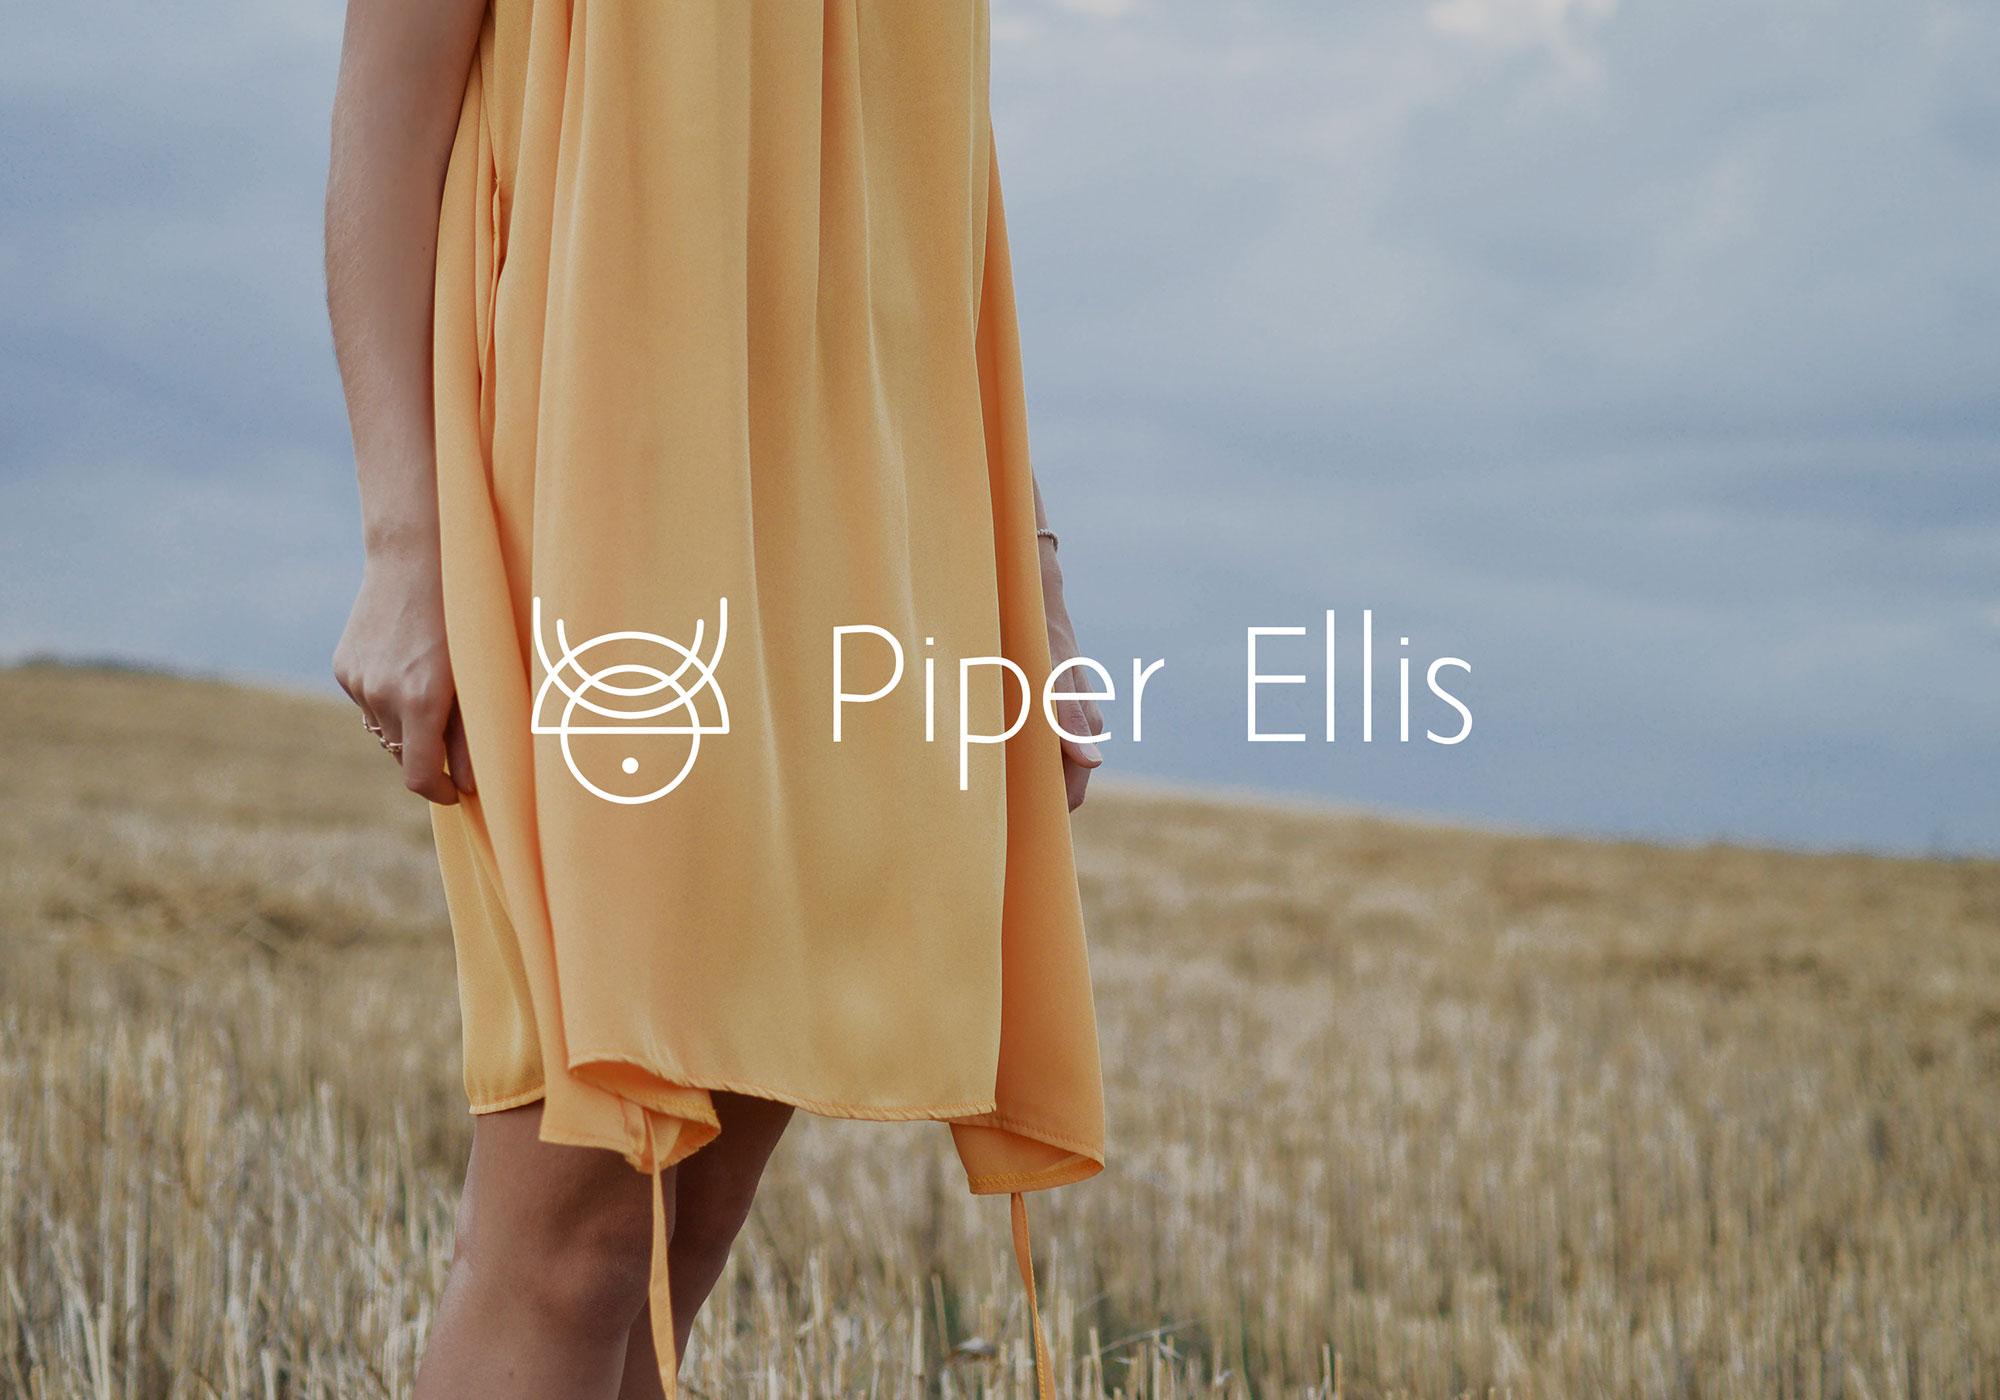 Piper Ellis